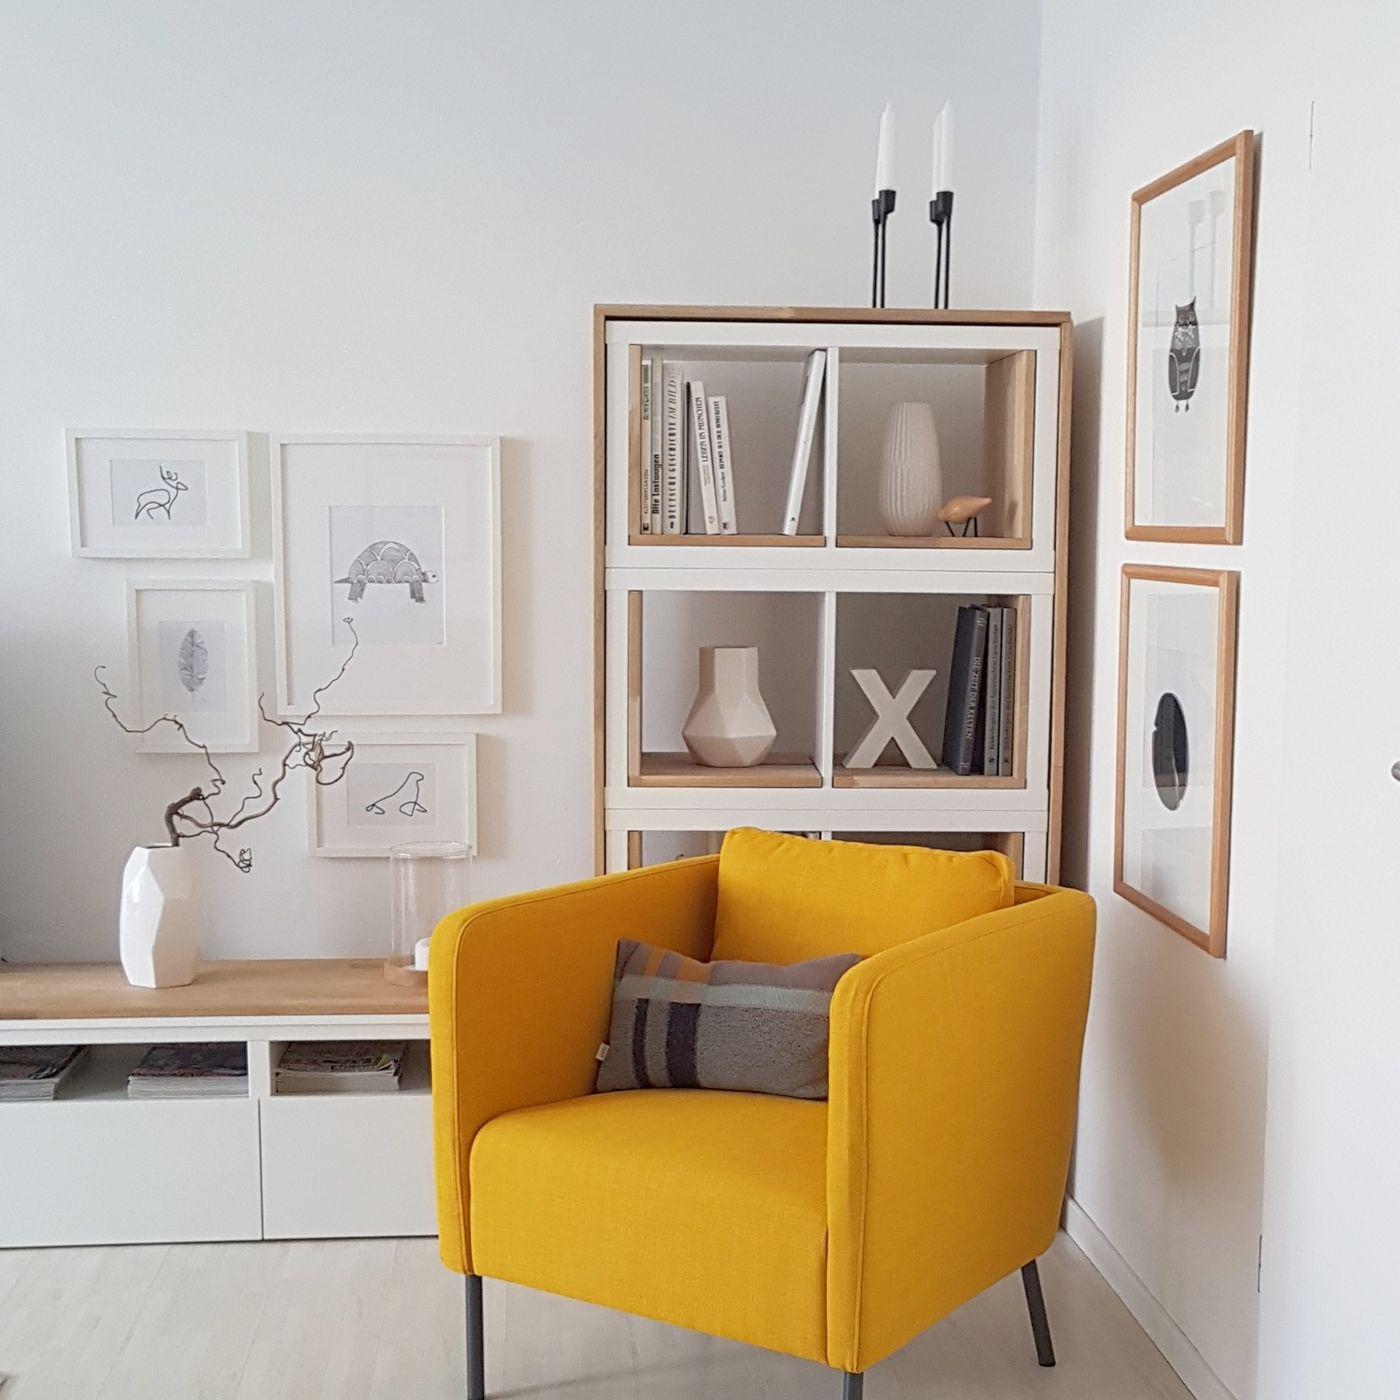 Full Size of Ikea Relaxsessel Schnsten Ideen Fr Deinen Sessel Betten Bei Garten Miniküche Küche Kosten Kaufen Sofa Mit Schlaffunktion Modulküche Aldi 160x200 Wohnzimmer Ikea Relaxsessel